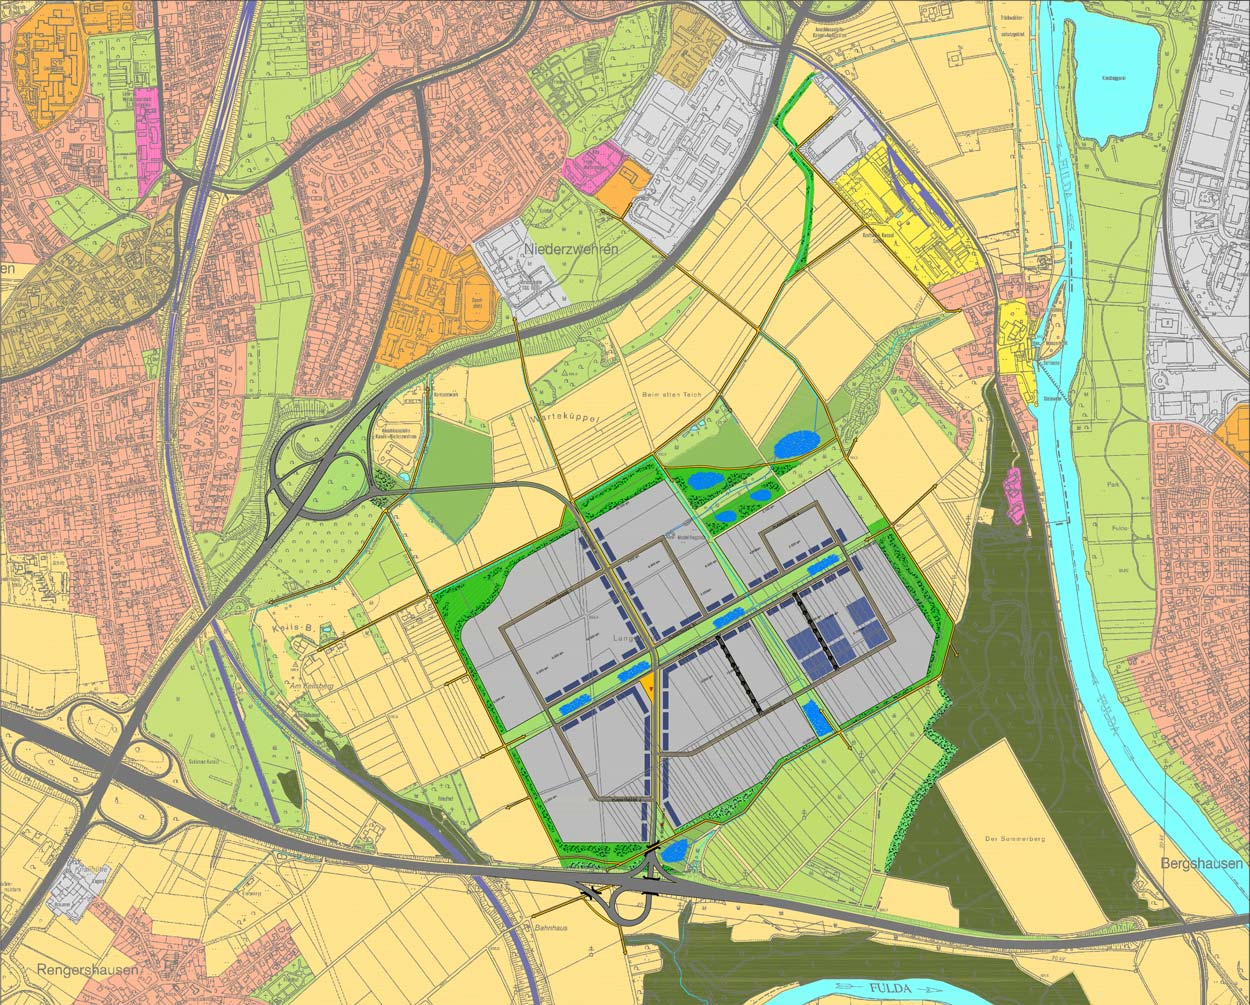 Rahmenplan 02 Gewerbe- und Industriegebiet Langes Feld Kassel Planquadrat Dortmund